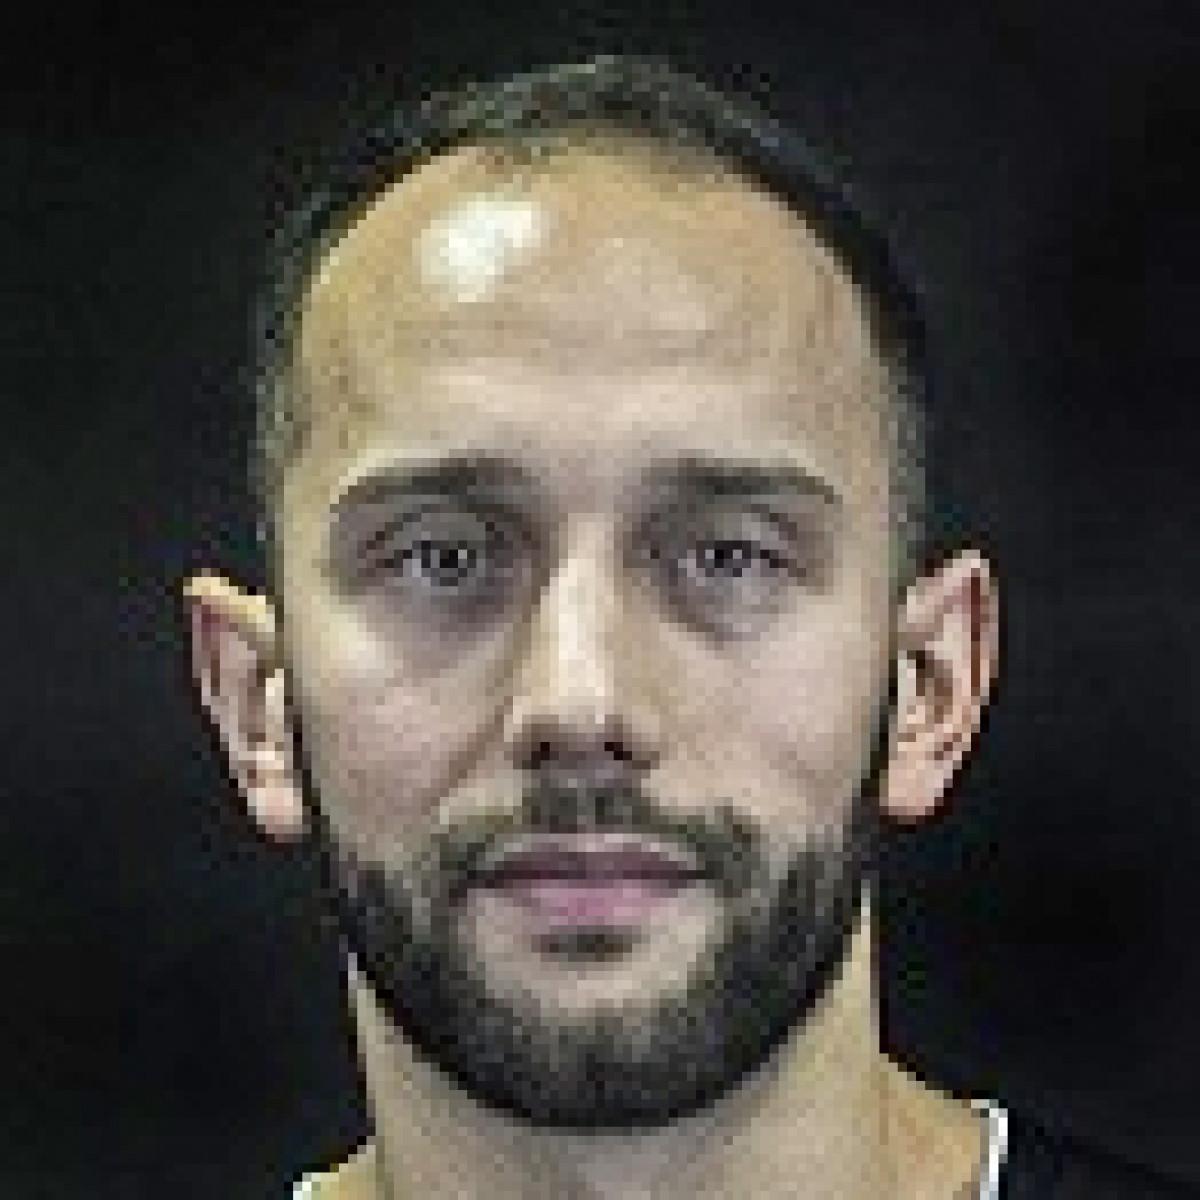 Tomasz Zych